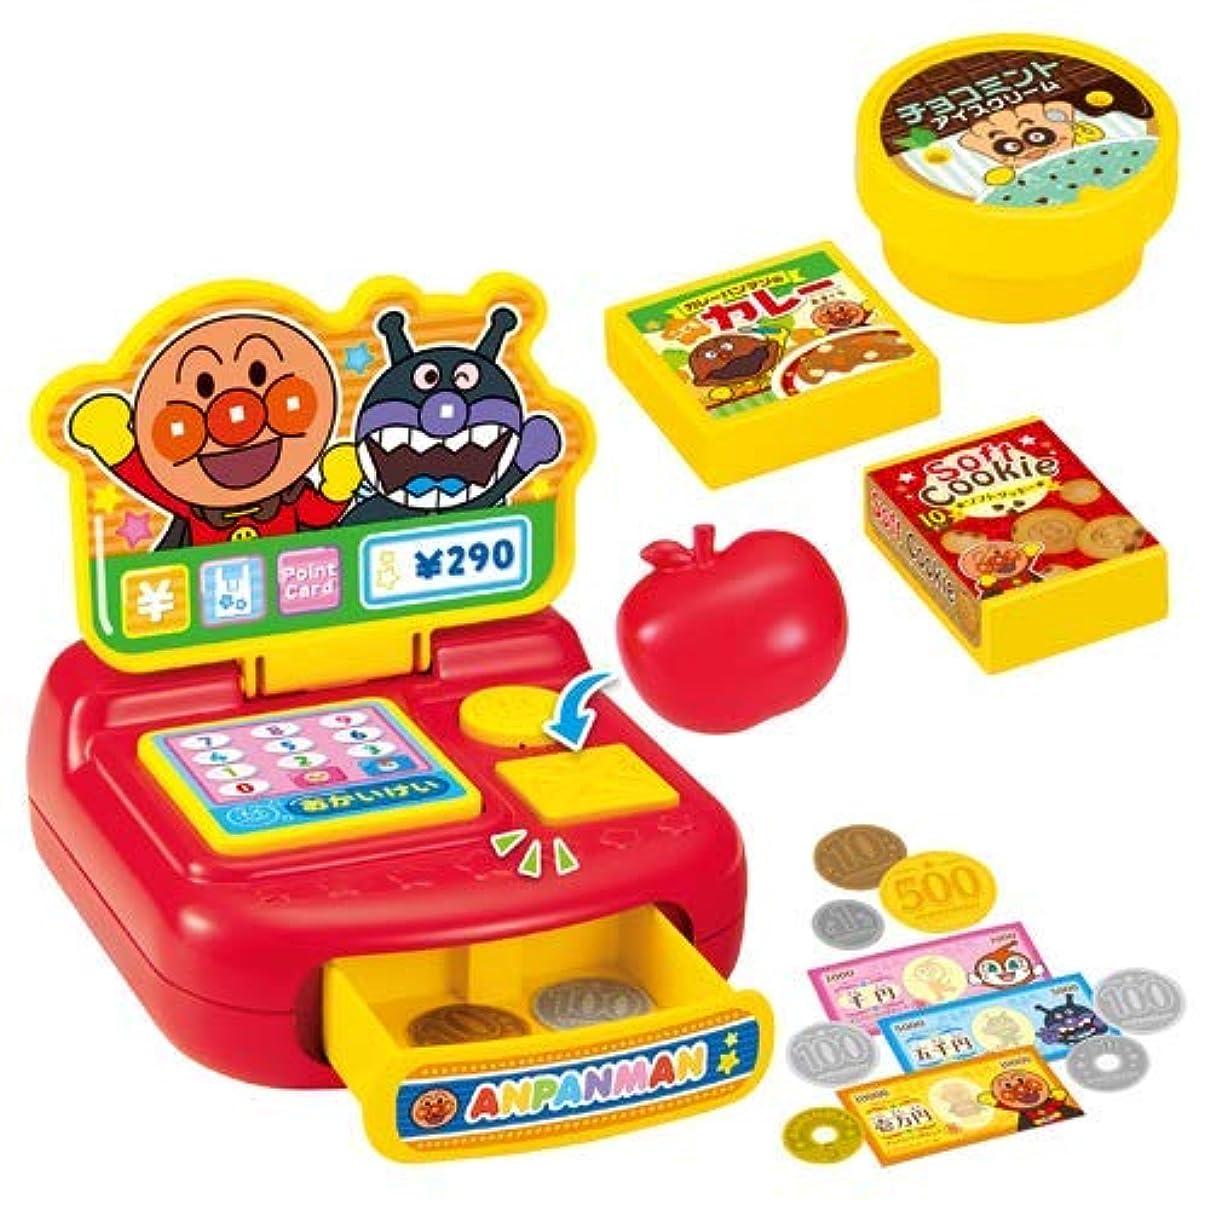 いつでも施しセールTEMI お店屋さんごっこ おもちゃ おままごと 知育玩具 ごっこ遊び アイス 食材 3歳以上 35点セット (ピンク)